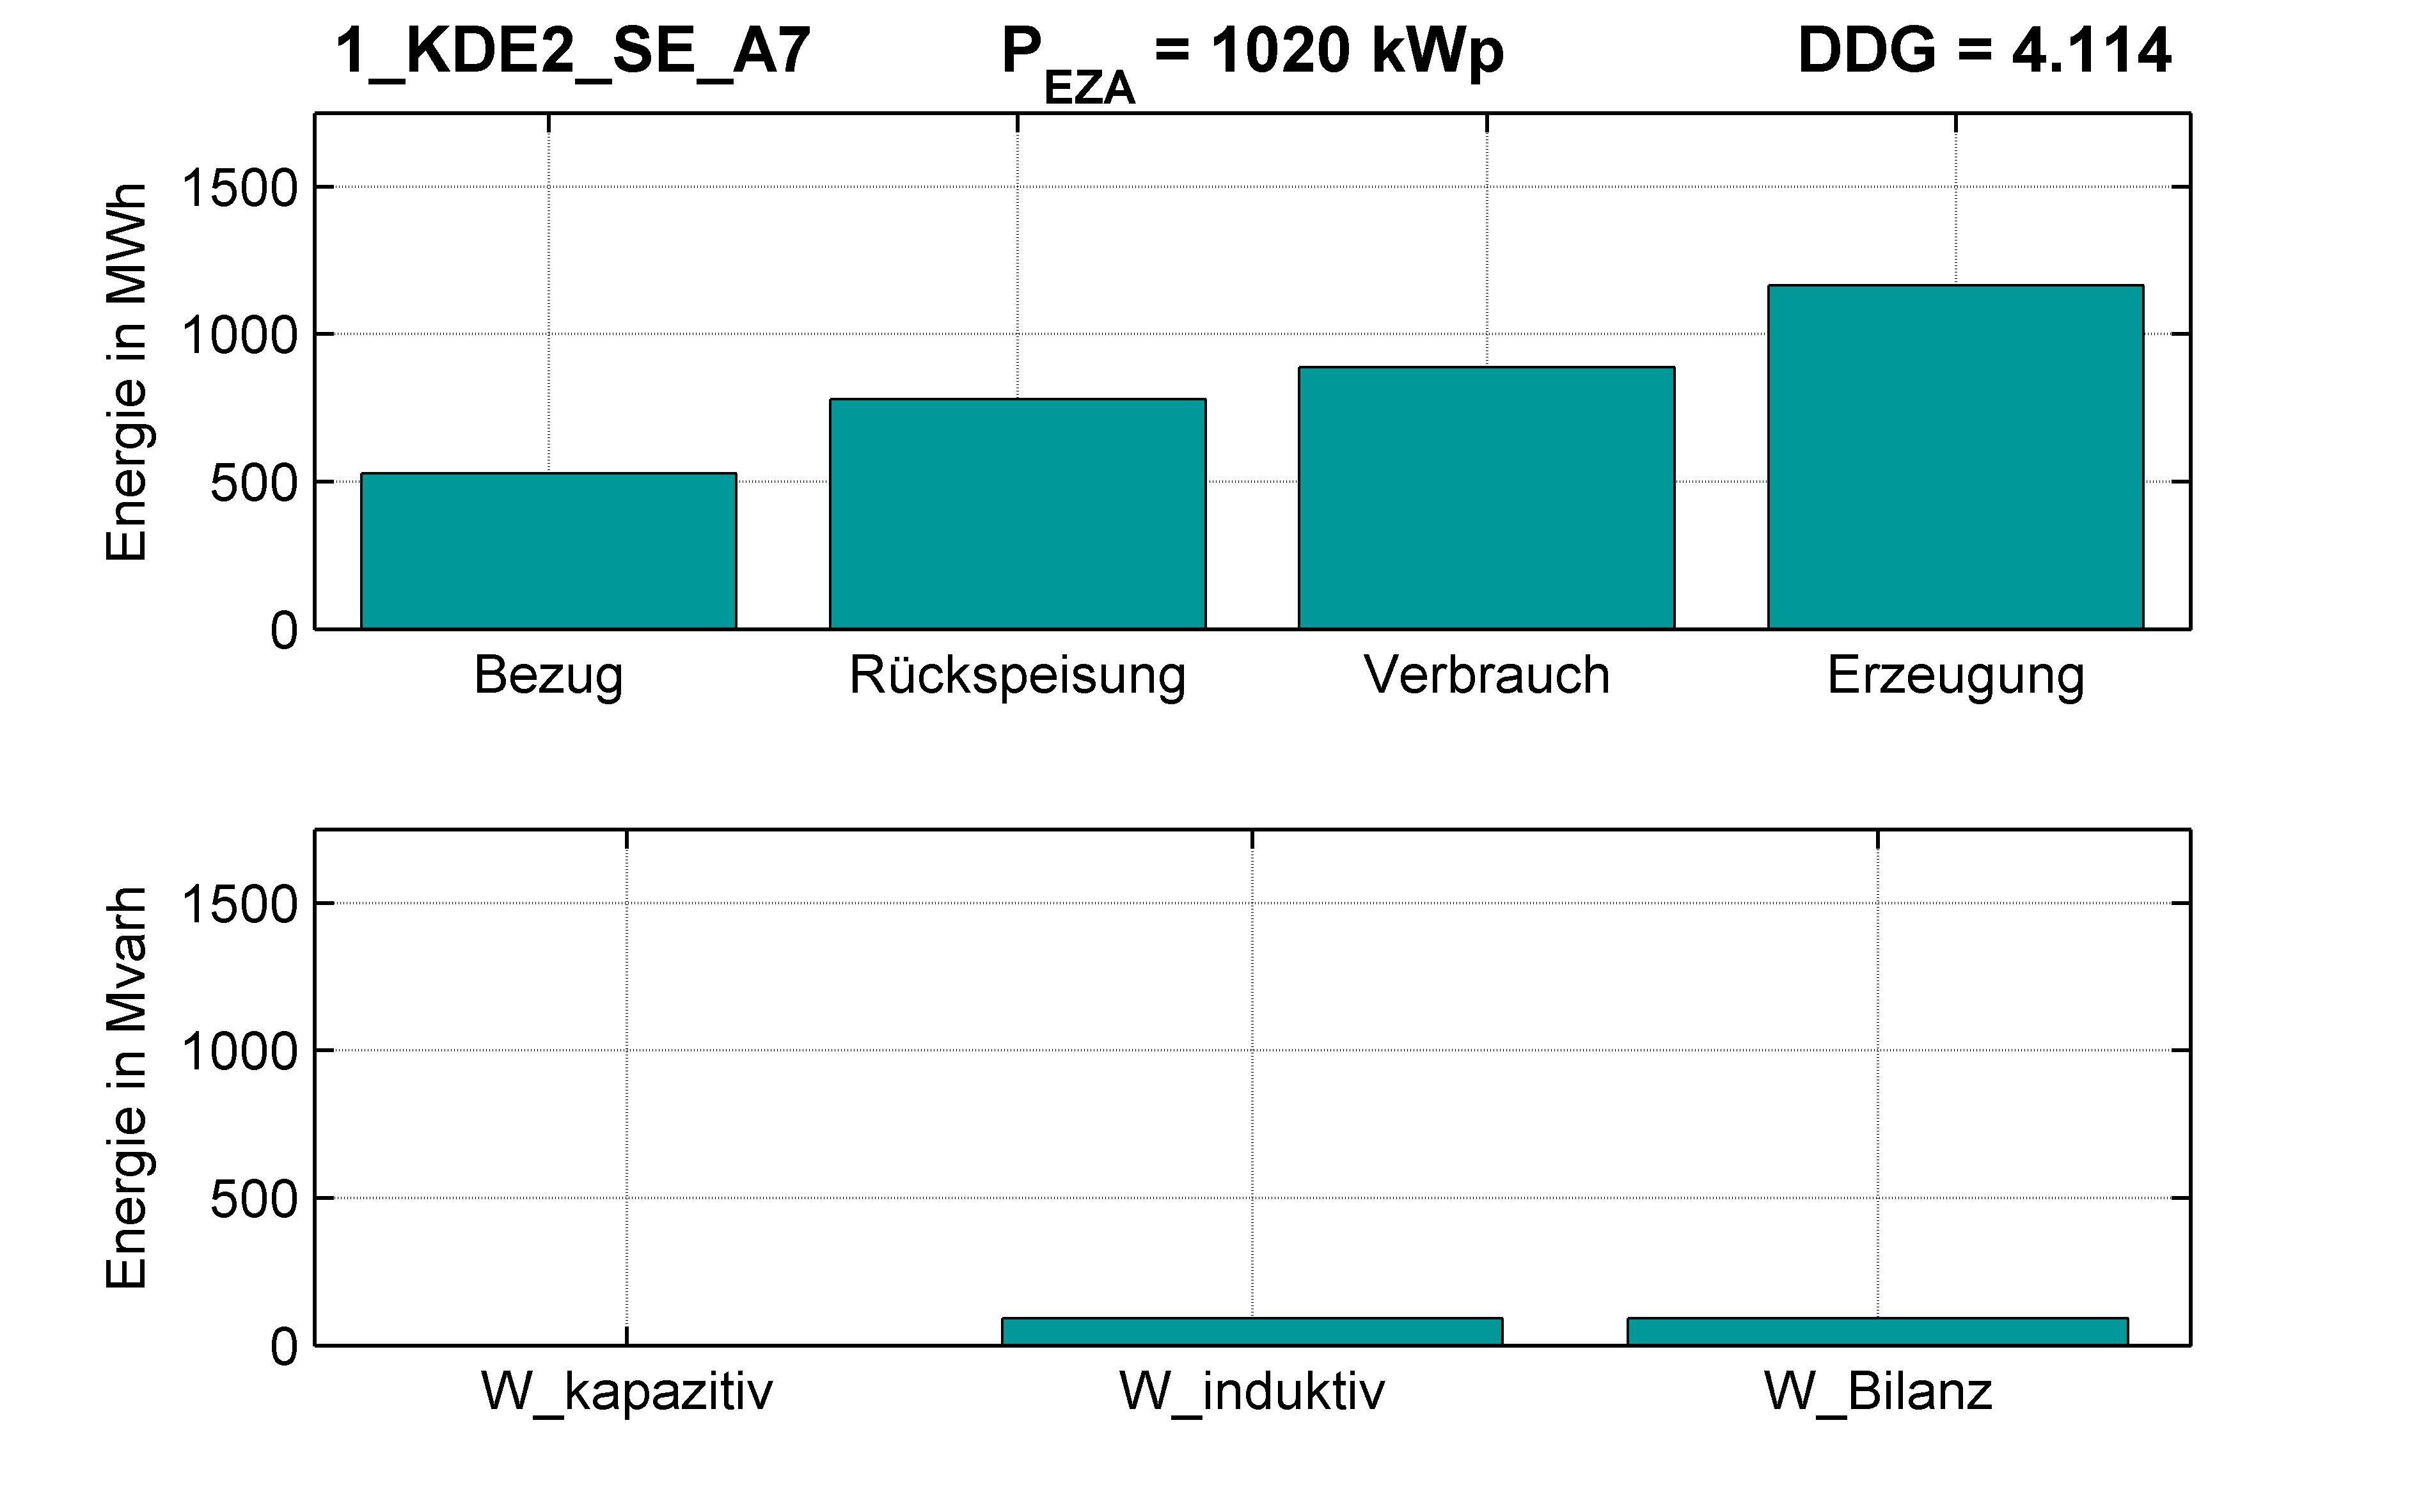 KDE2 | KABEL (SE) A7 | PQ-Bilanz